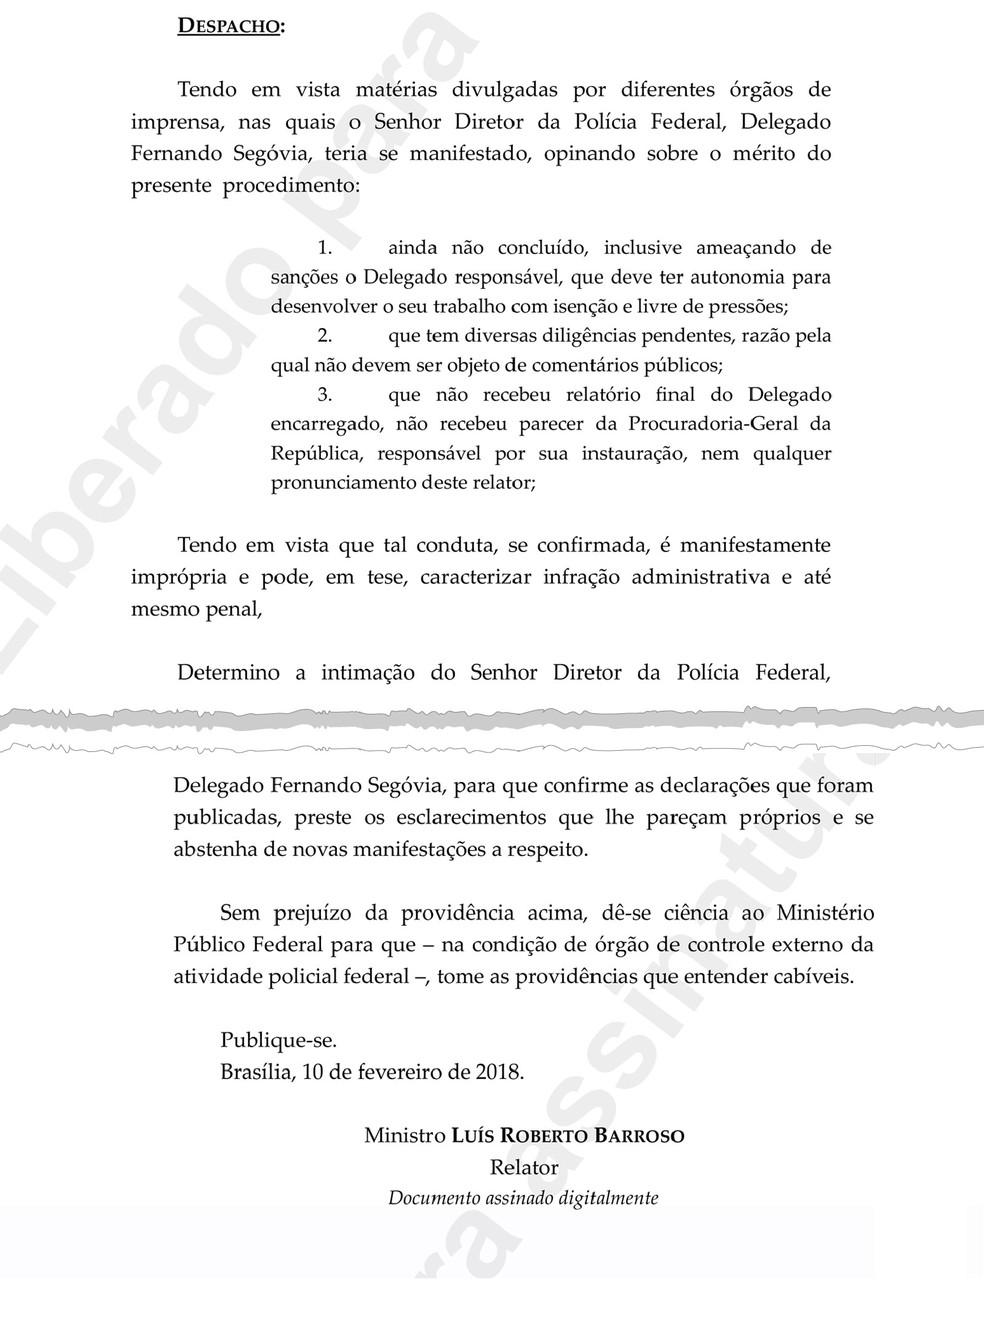 Trecho de despacho em que Barroso determina que Segovia se 'abstenha de novas manifestaA�A�es' sobre inquA�rito (Foto: ReproduA�A?o)